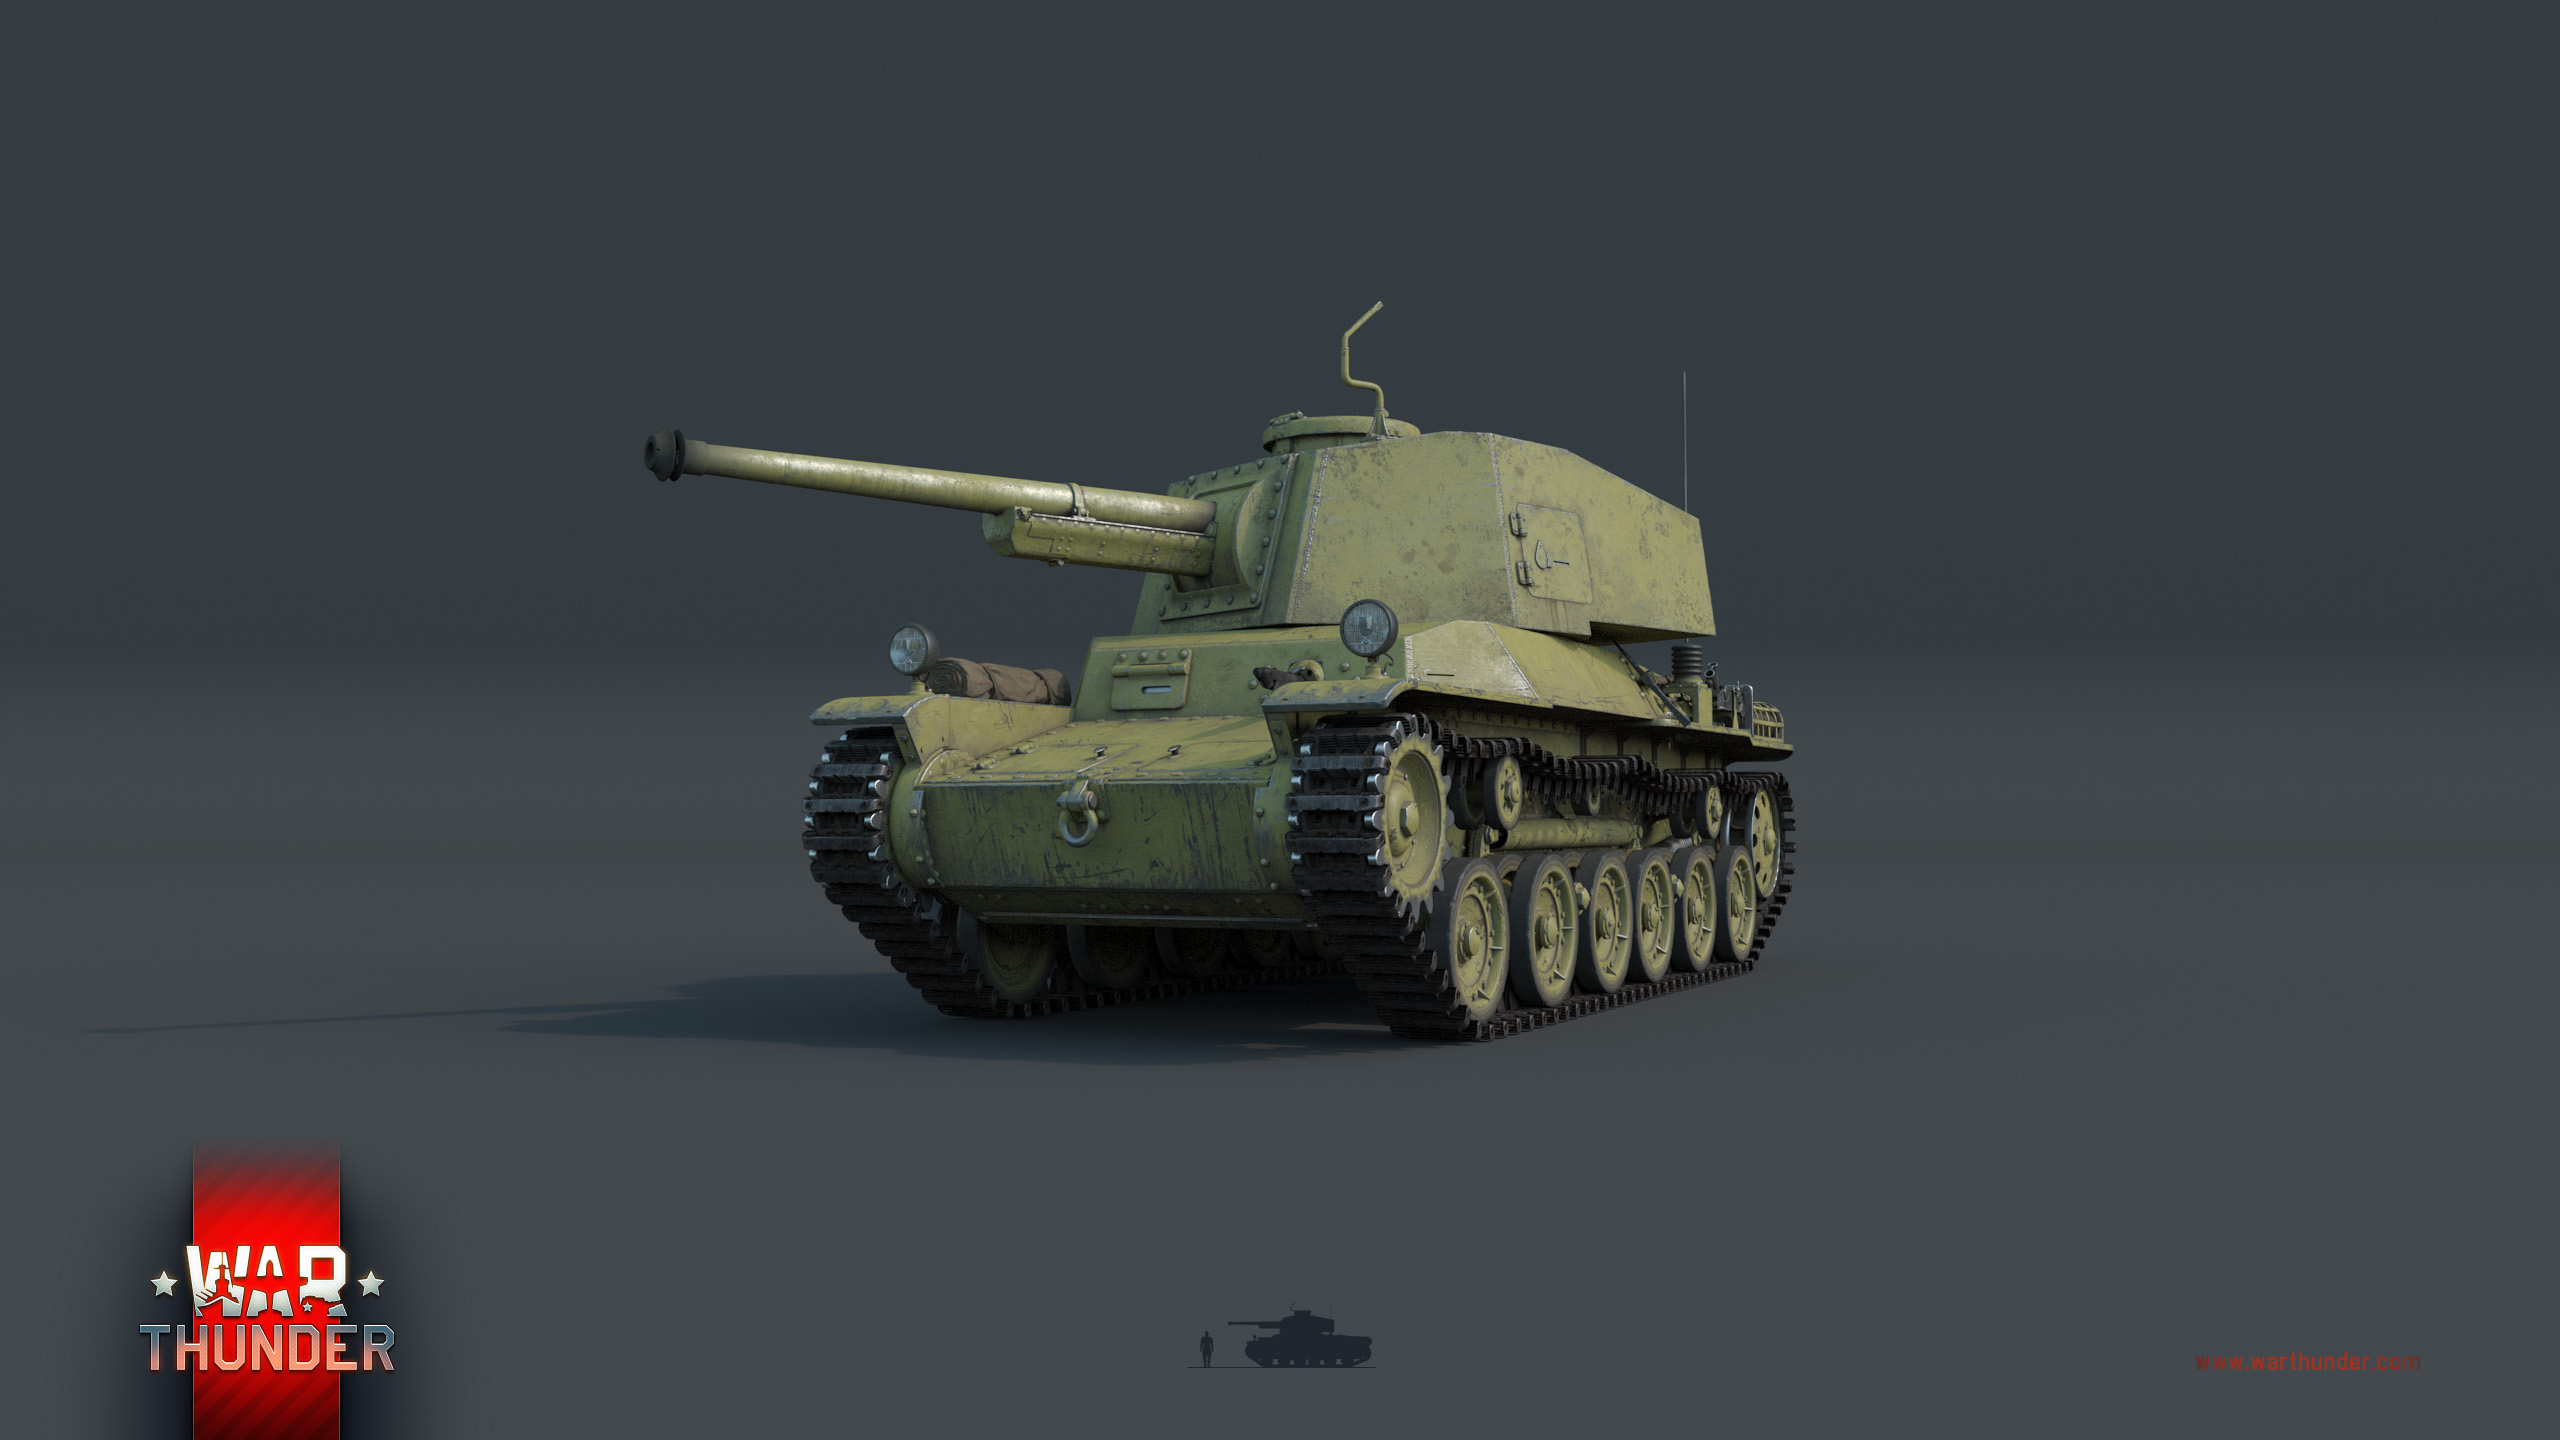 Wot wiki chi nu  Type3 Medium Tank 'Chi  2019-06-24